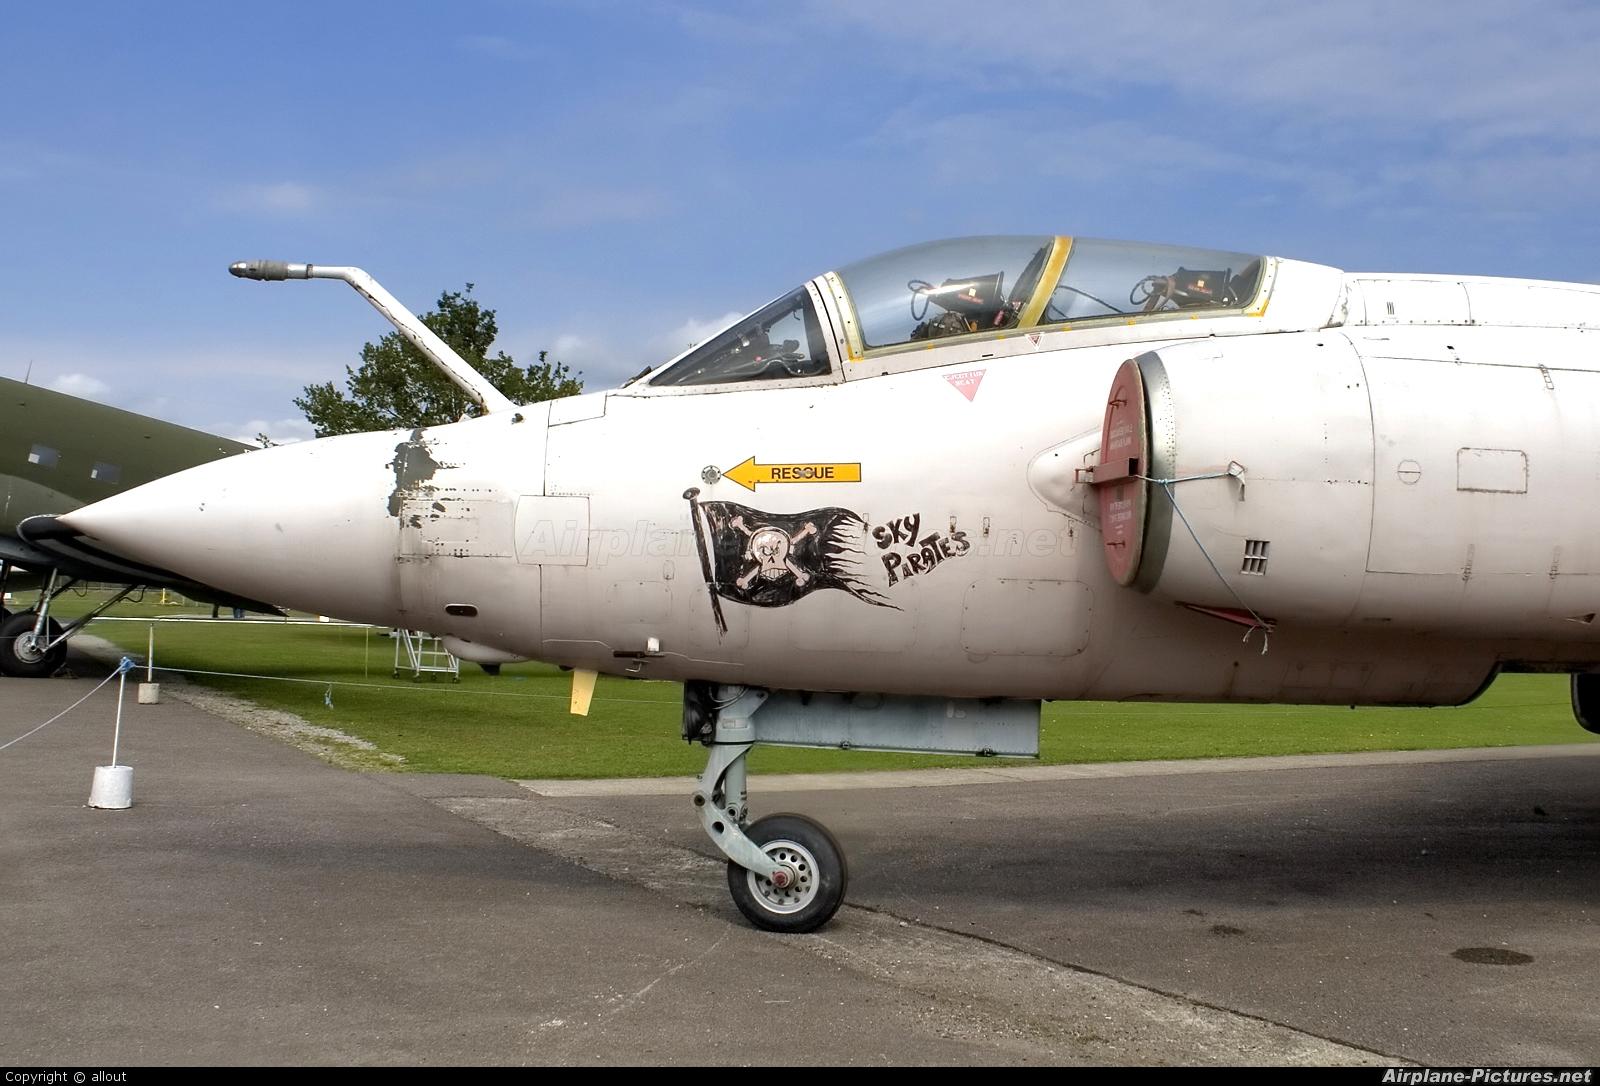 Royal Air Force XX901 aircraft at Elvington